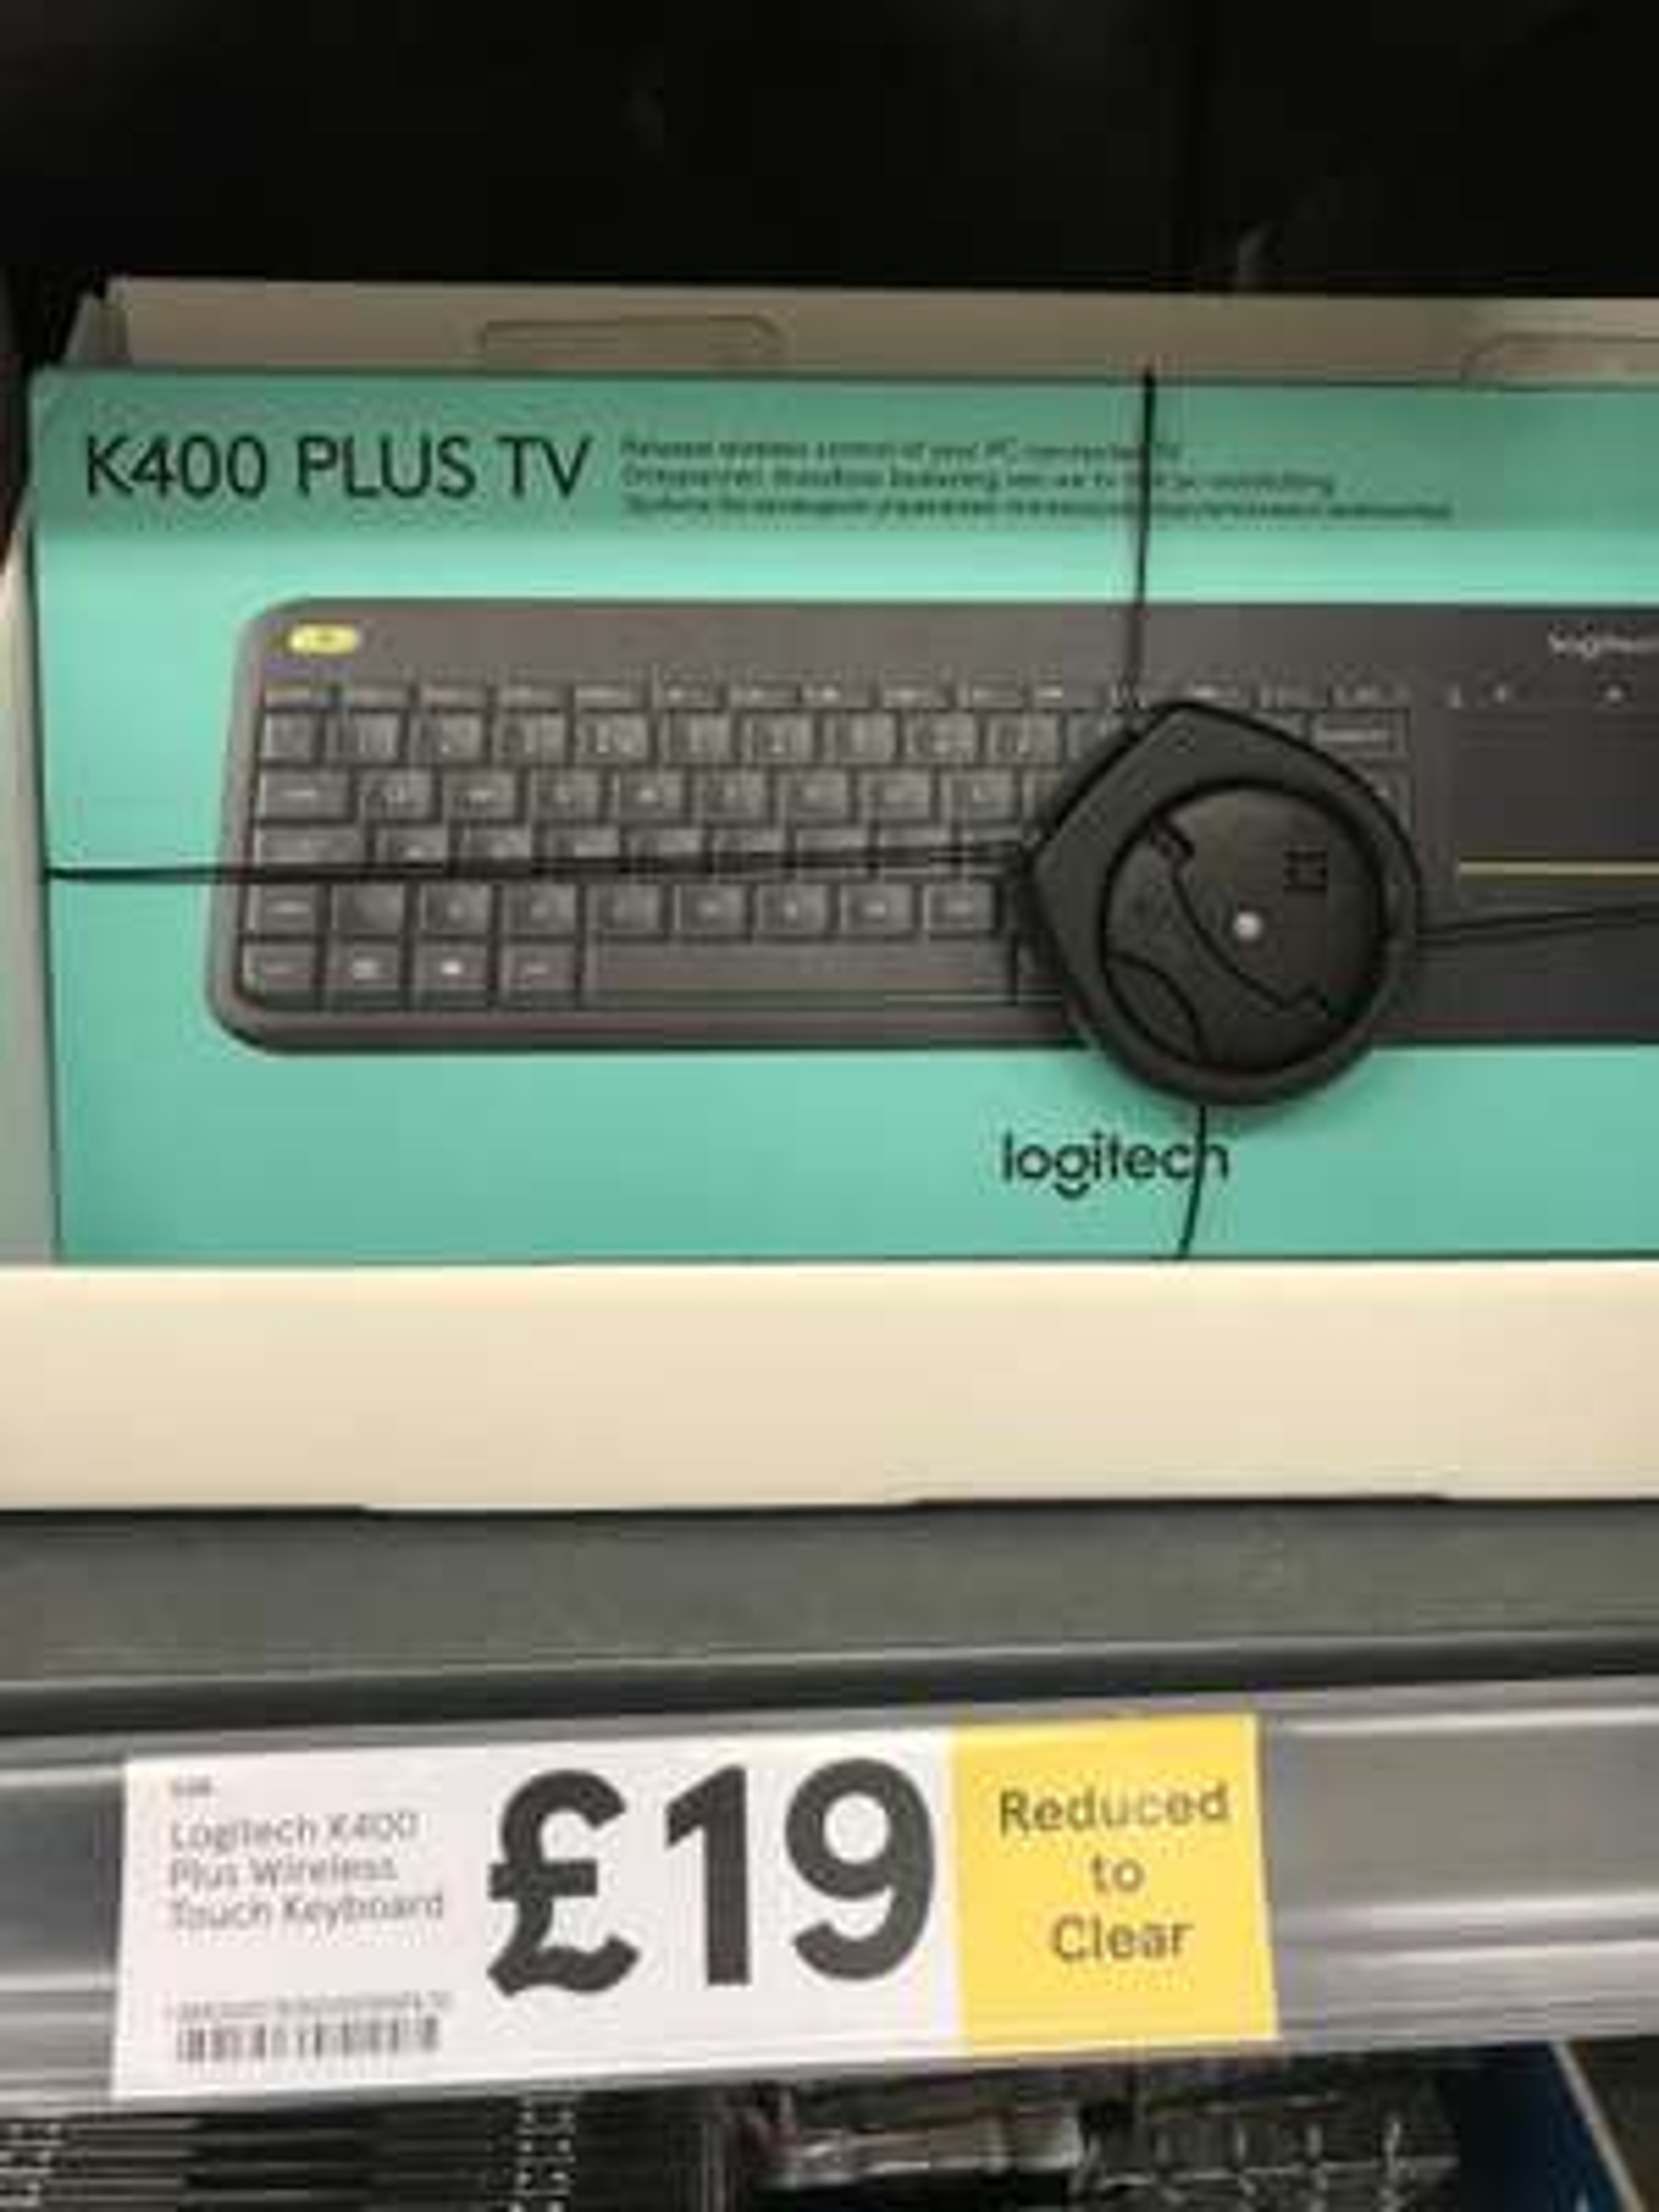 Logitech K400 wireless touch keyboard reduced to £19 in Tesco instore